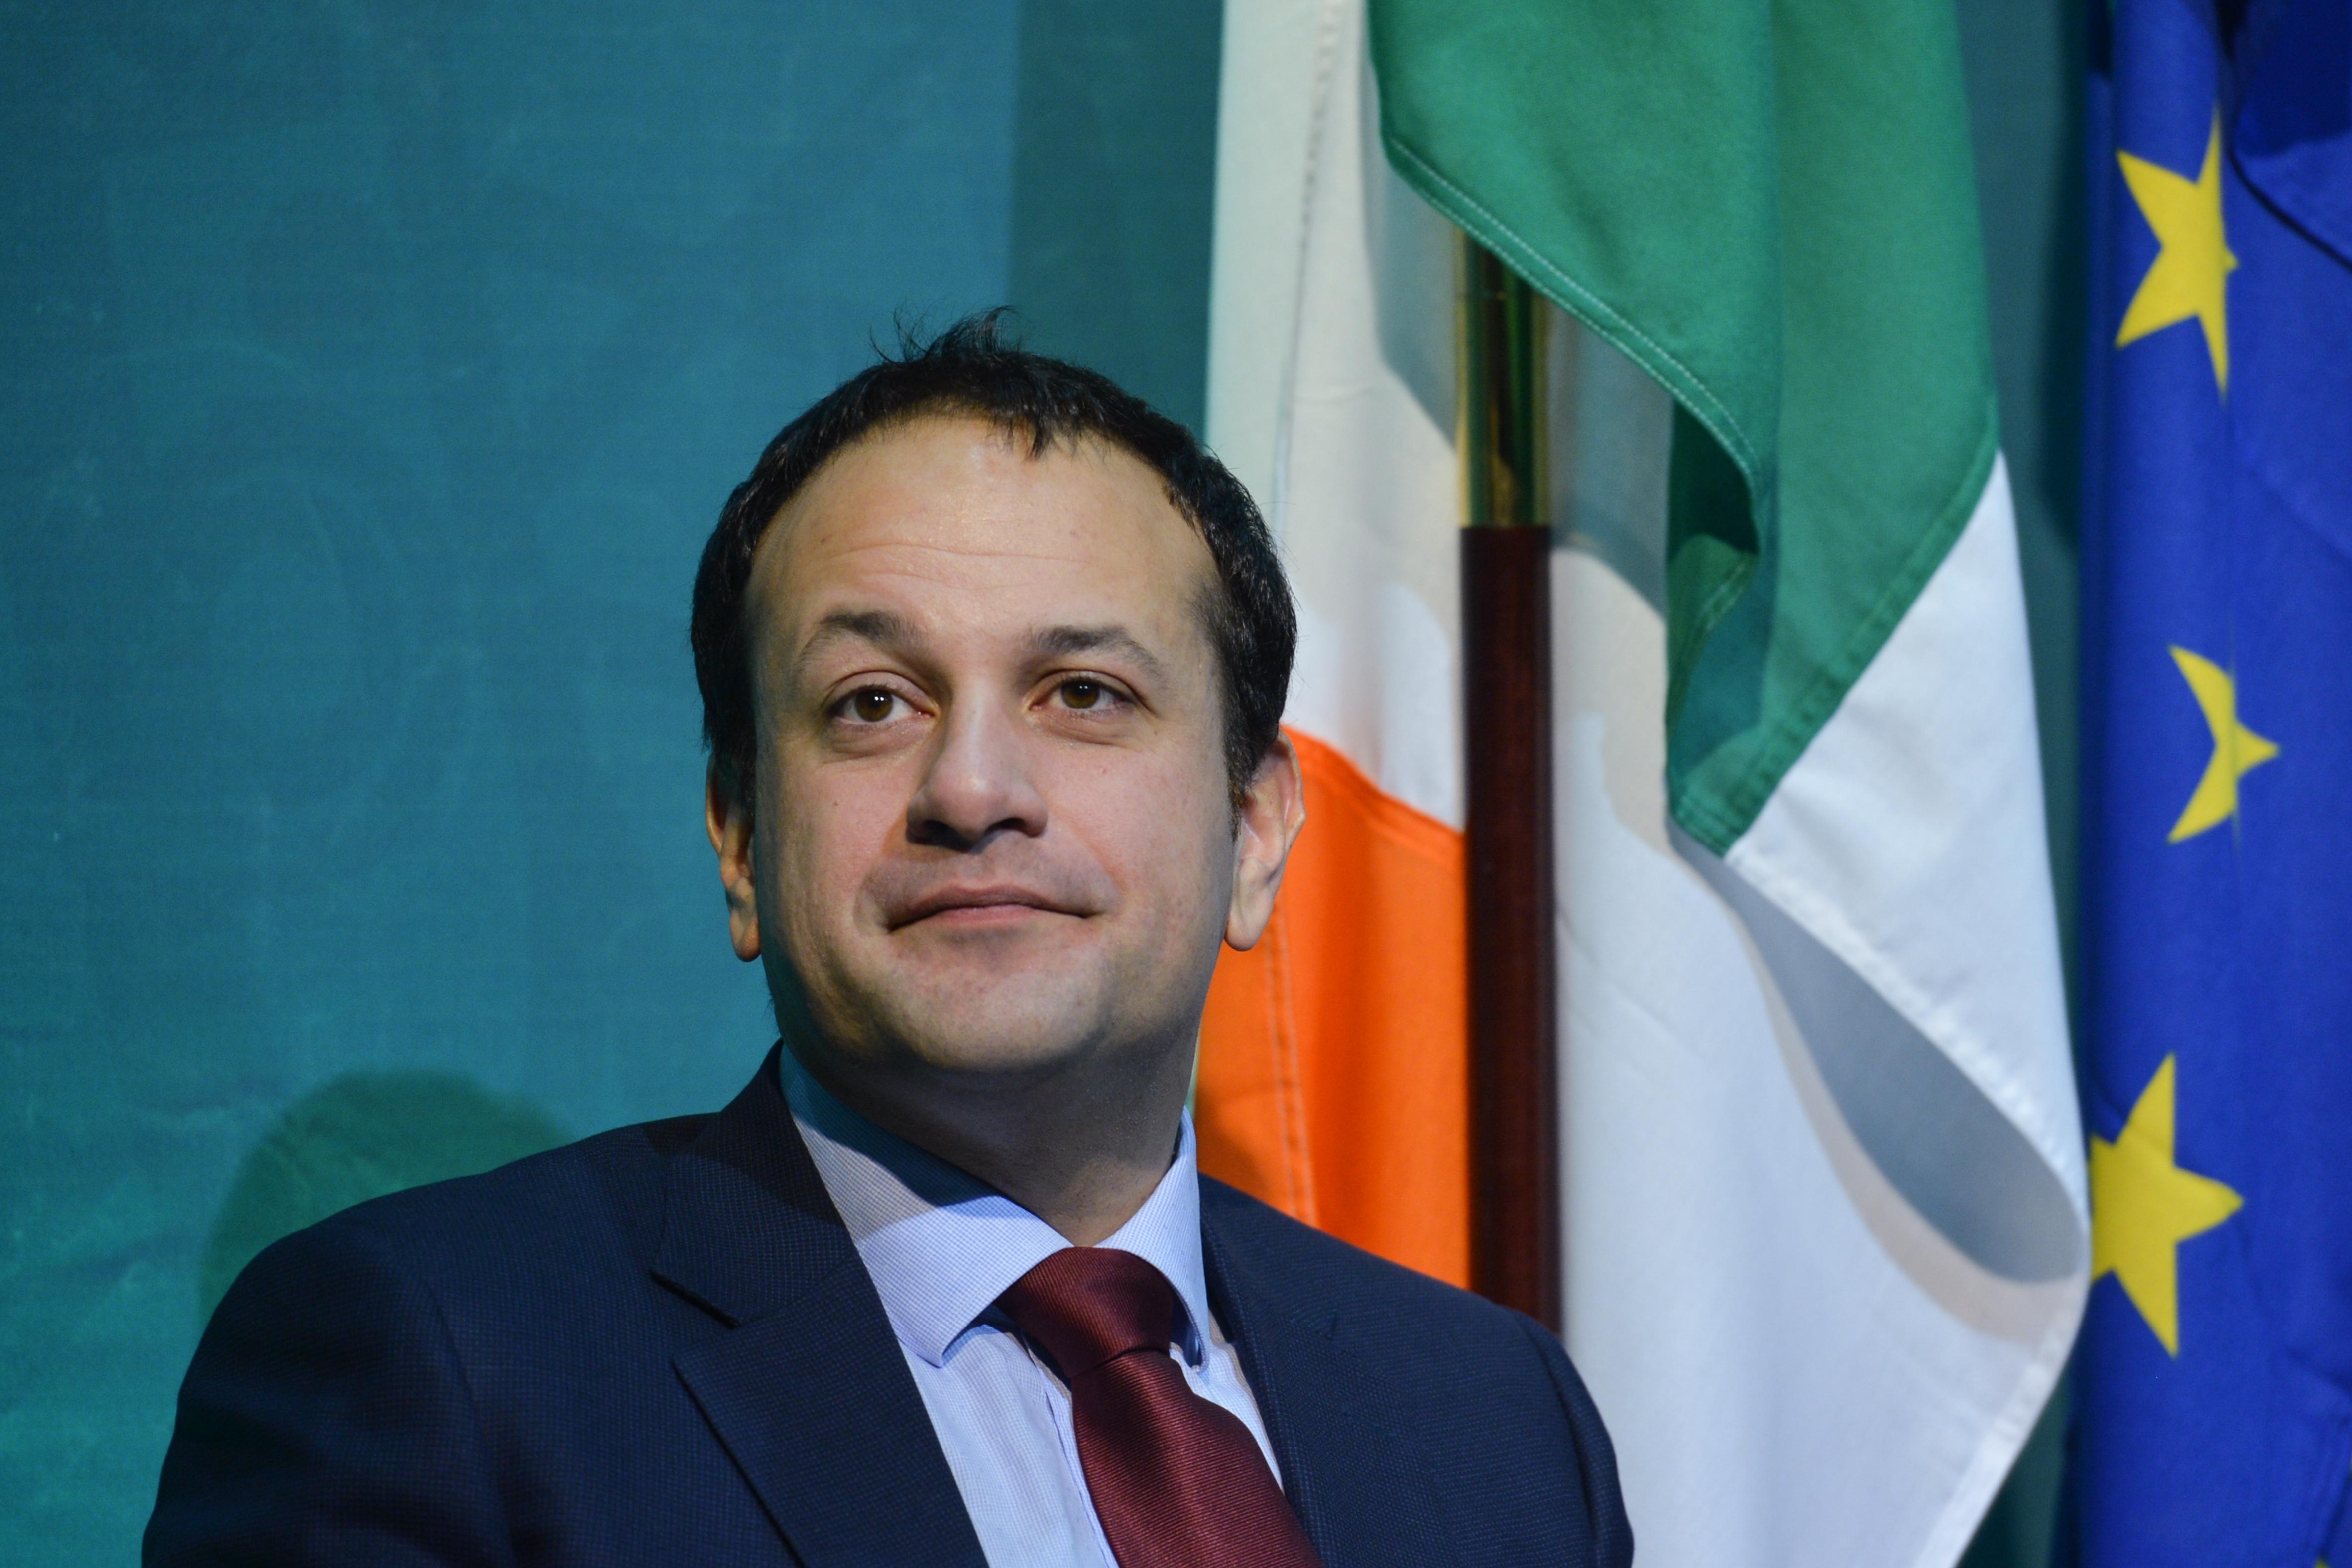 Írország miniszterelnöke orvosnak áll